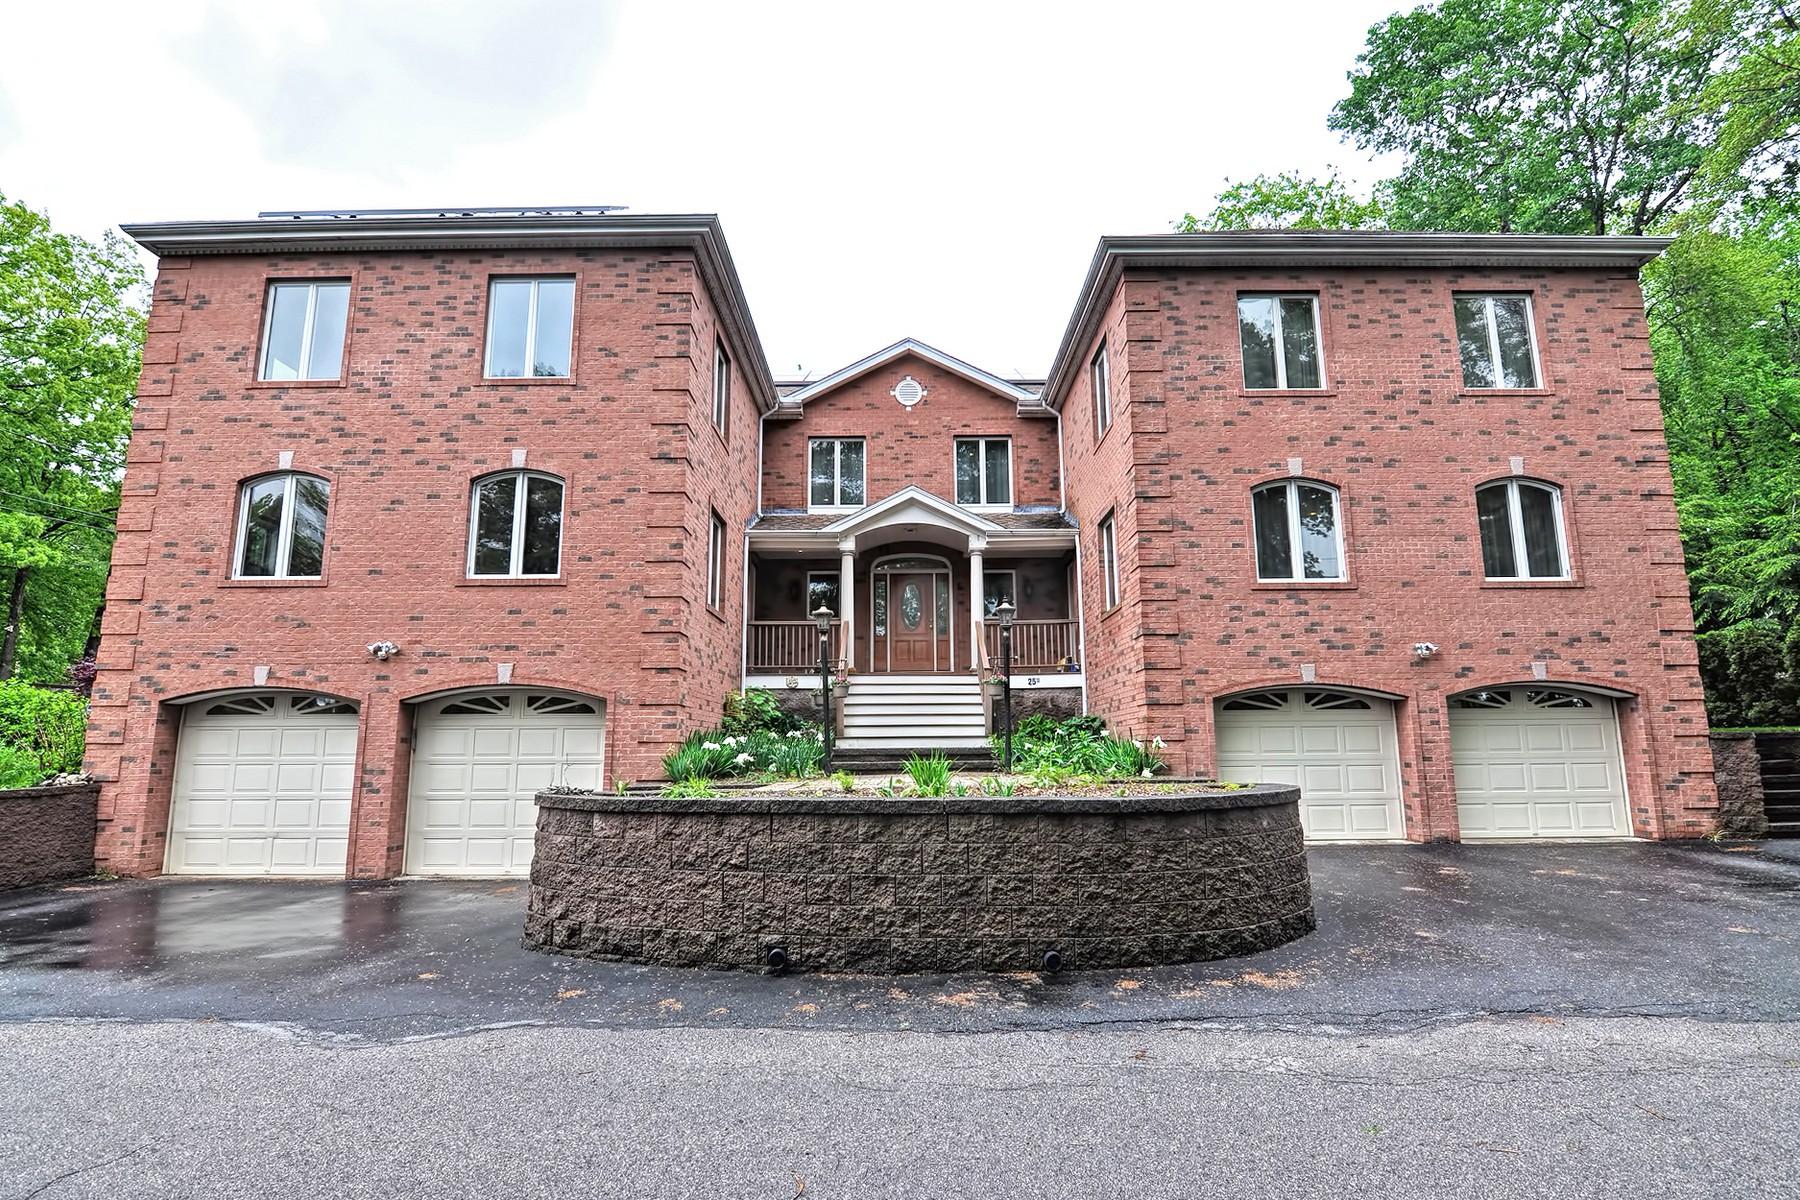 Maison unifamiliale pour l Vente à Colonial With Water Views Of Lake Maspenock 25 Lakeshore Drive Hopkinton, Massachusetts, 01748 États-Unis